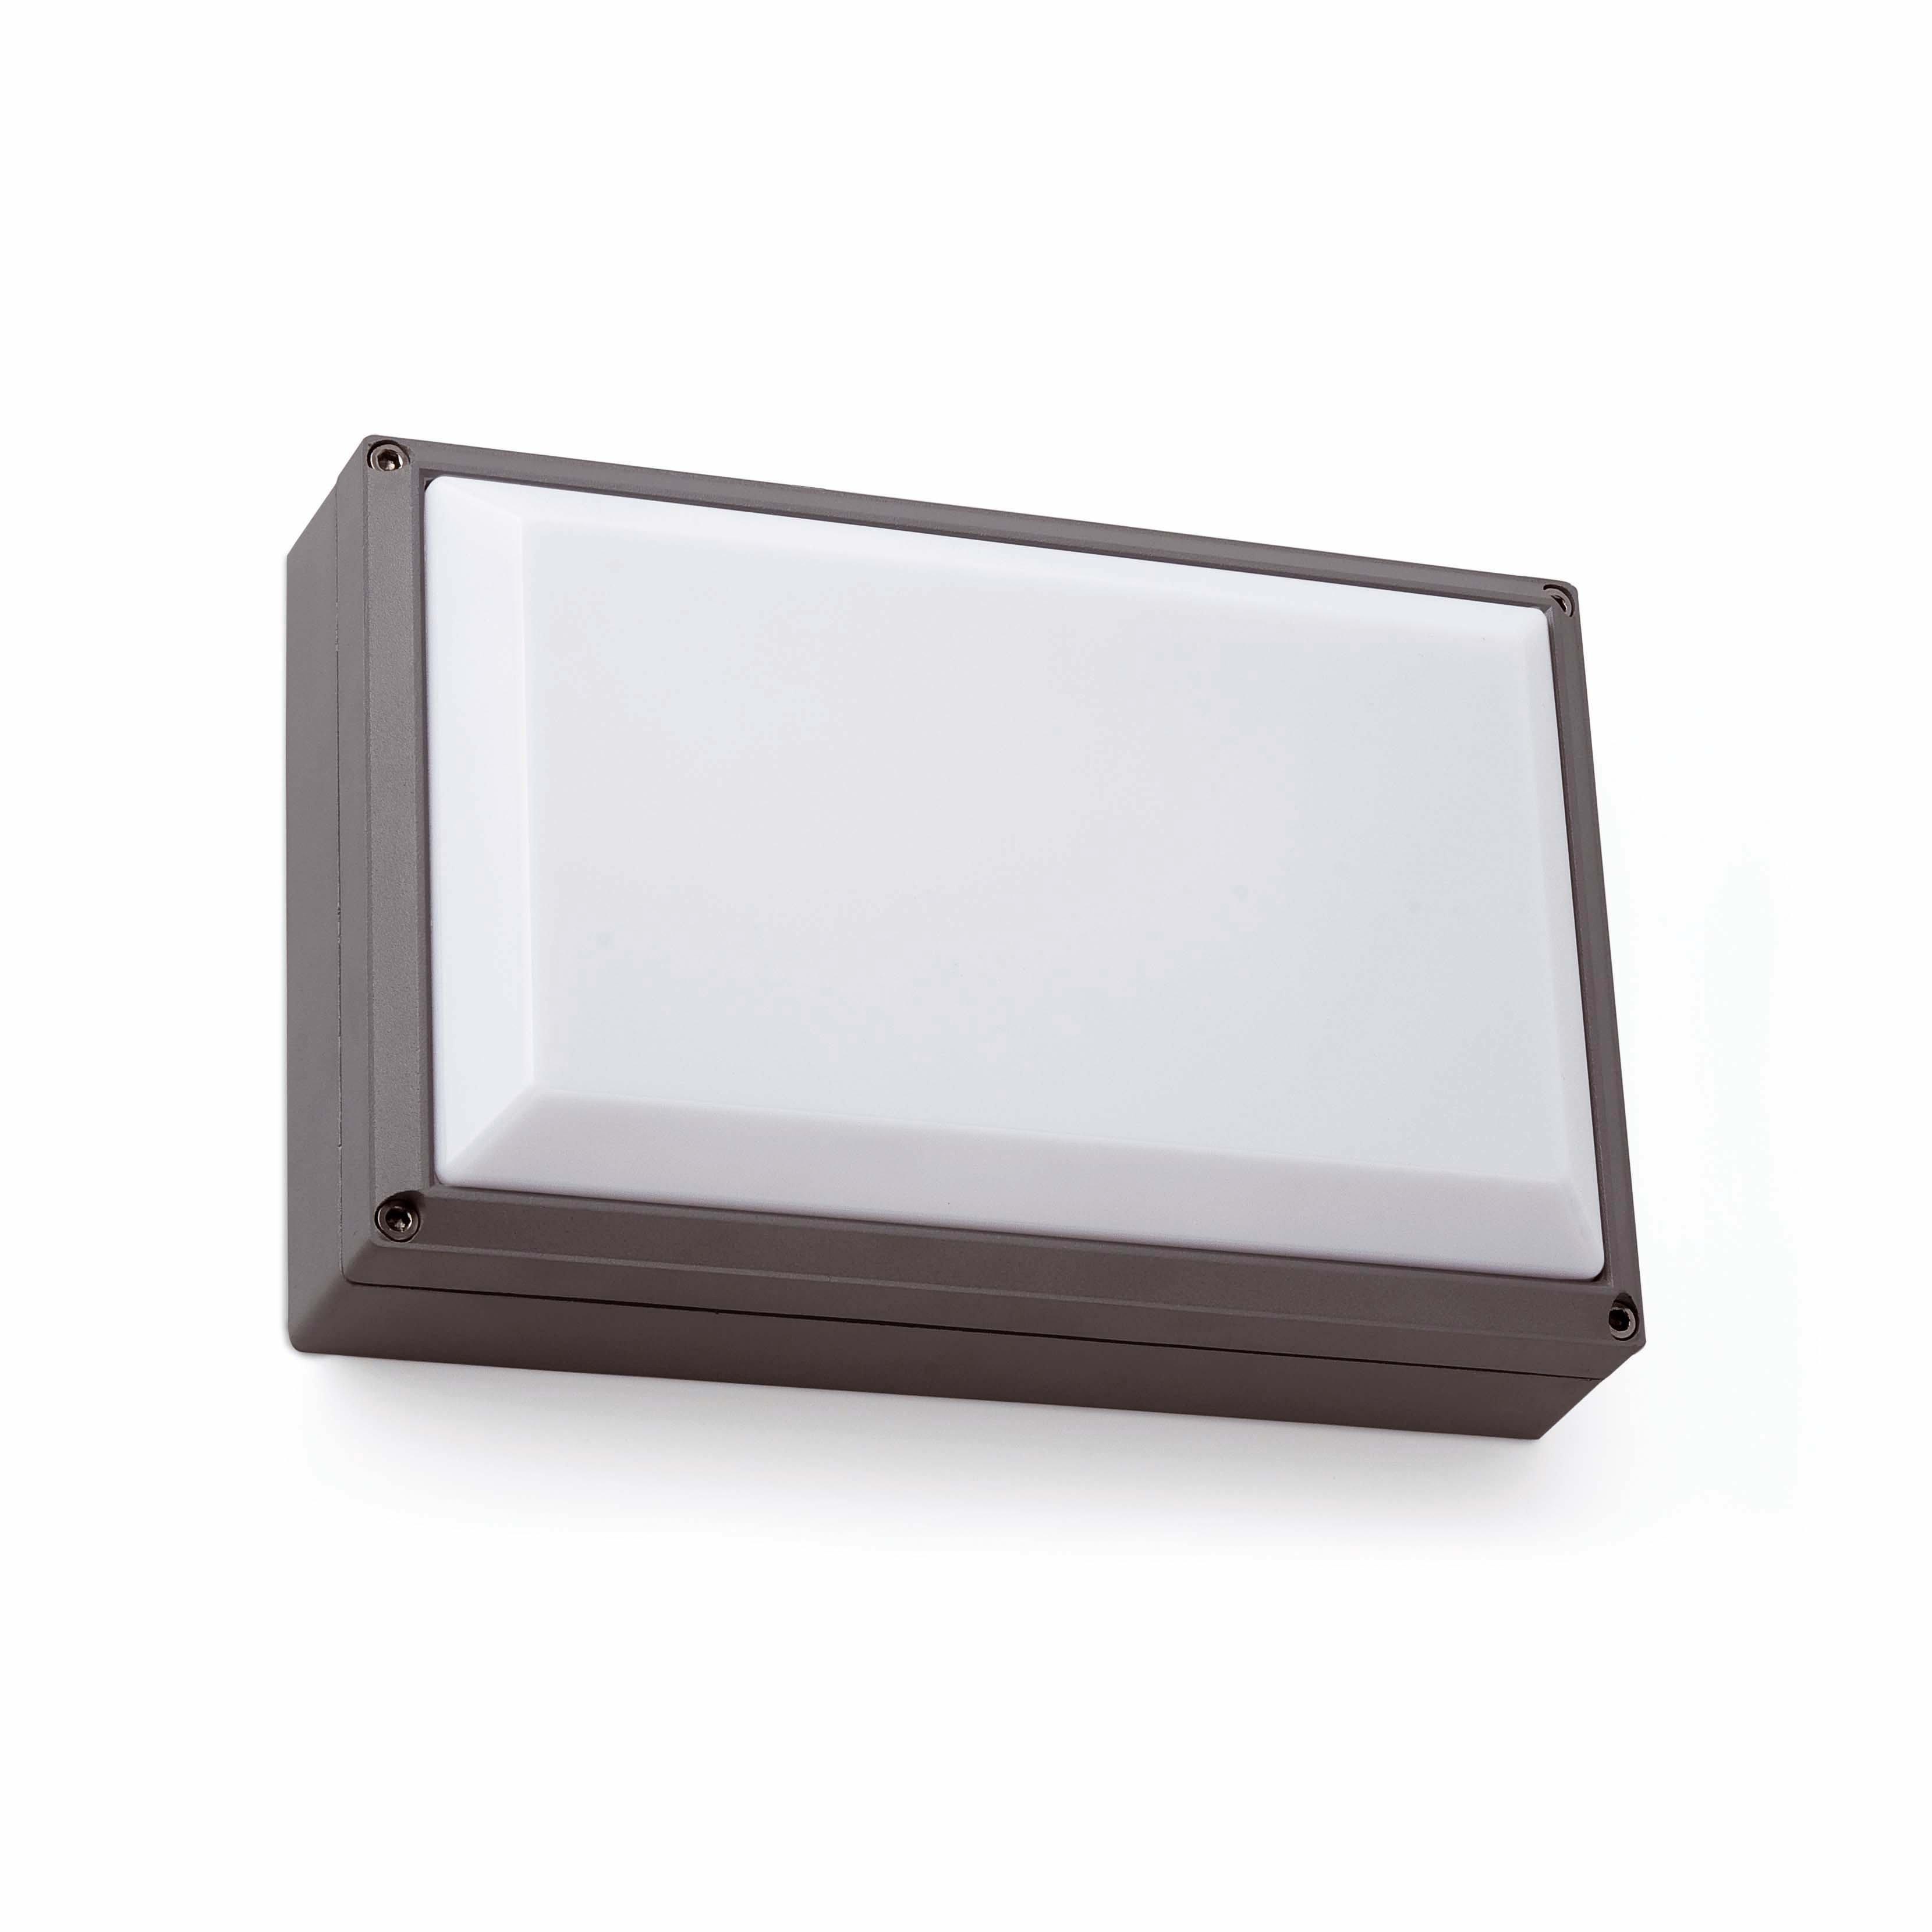 Faro fenes 1 l mpara aplique gris oscuro 72004 ip54 iluminaci n exterior apliques de pared - Faro iluminacion exterior ...